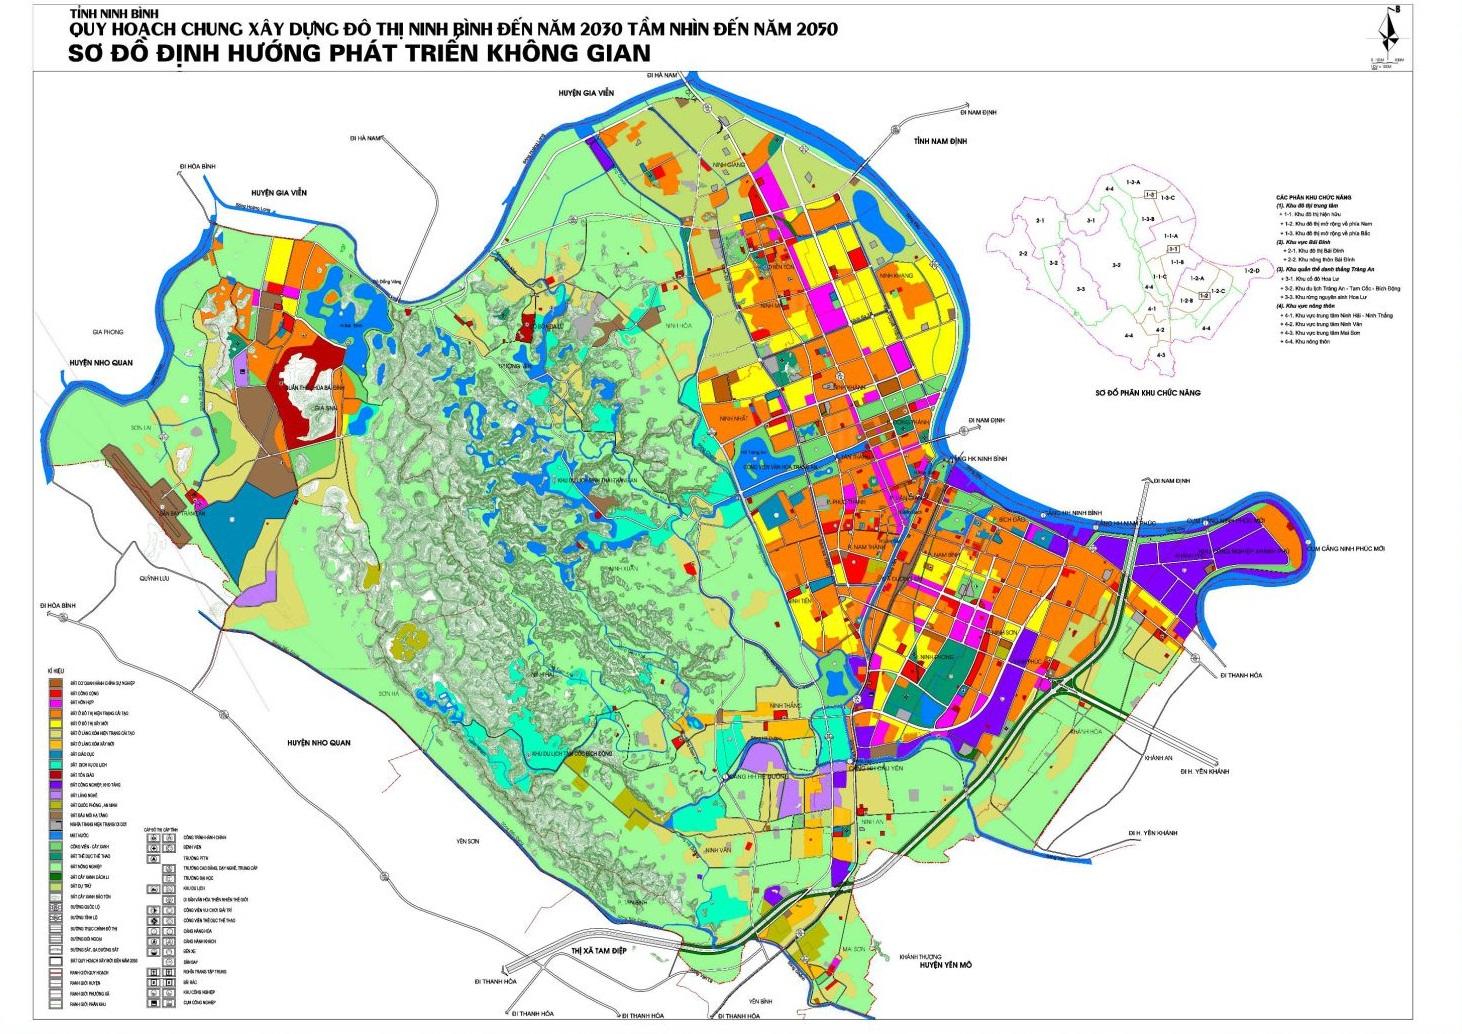 Bảng giá nhà đất Ninh Bình từ năm 2015 đến 2020